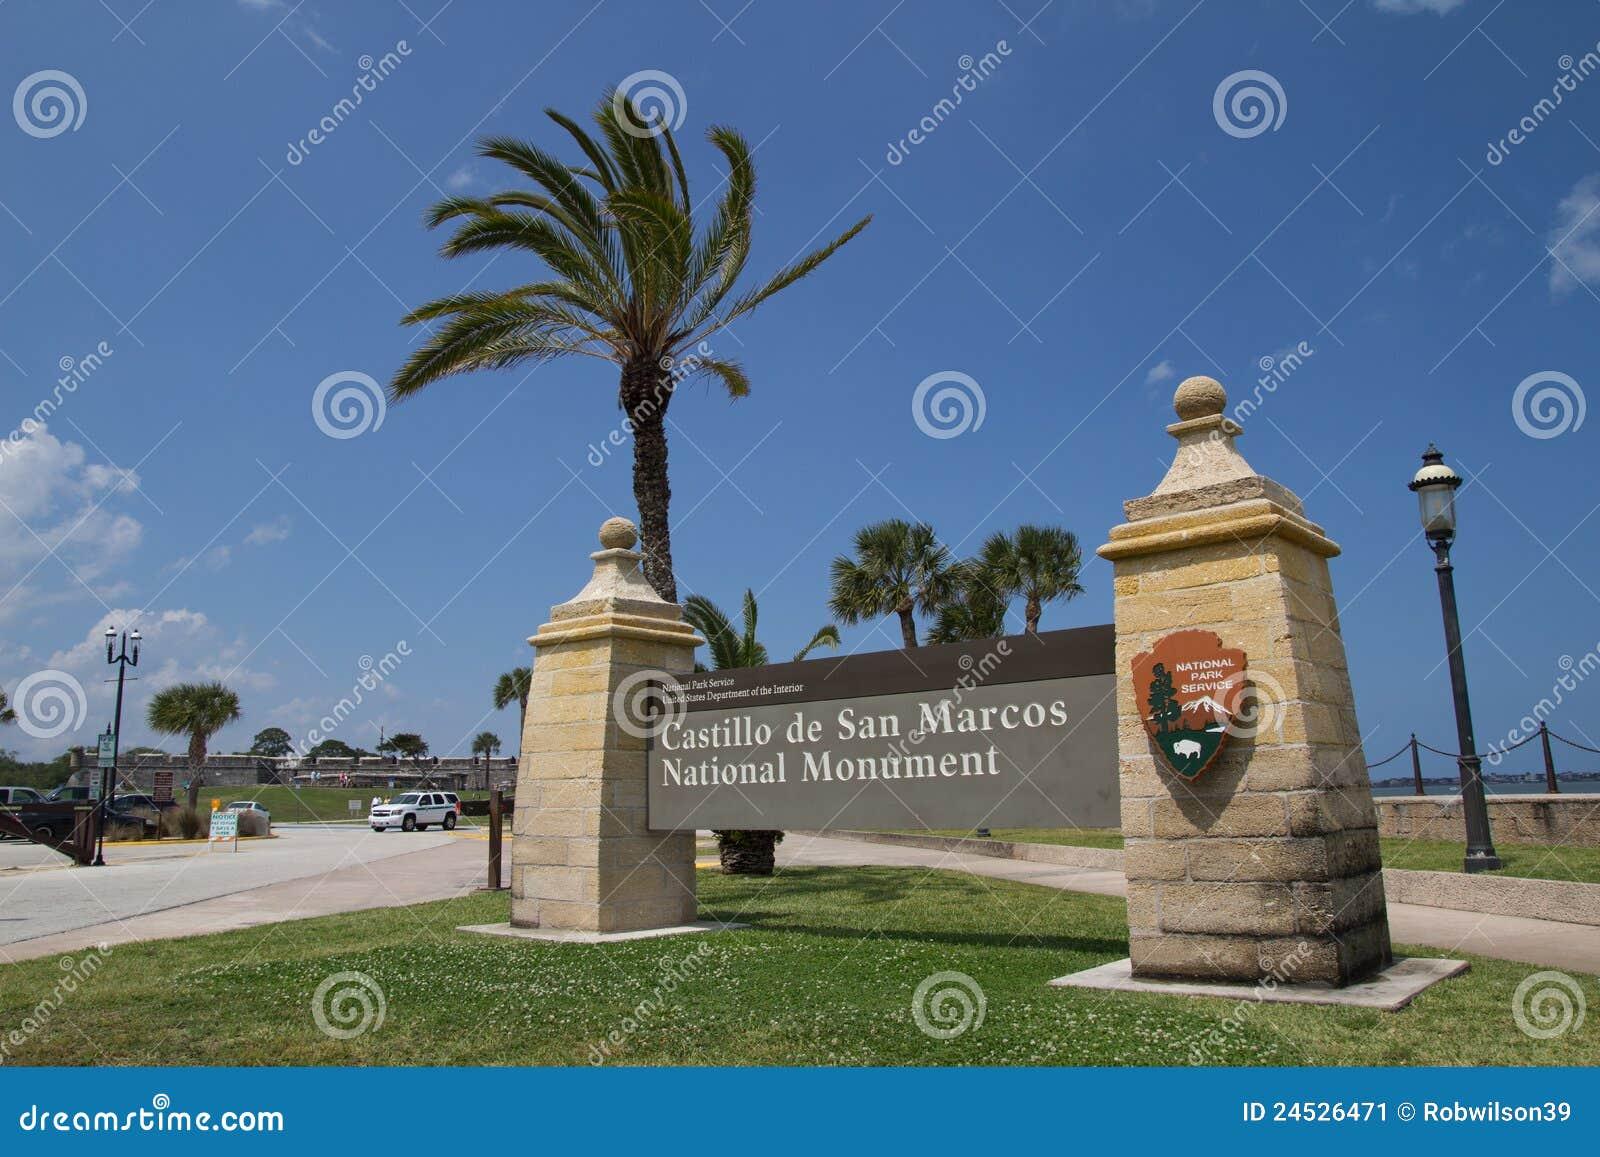 Castillo de马科斯・圣